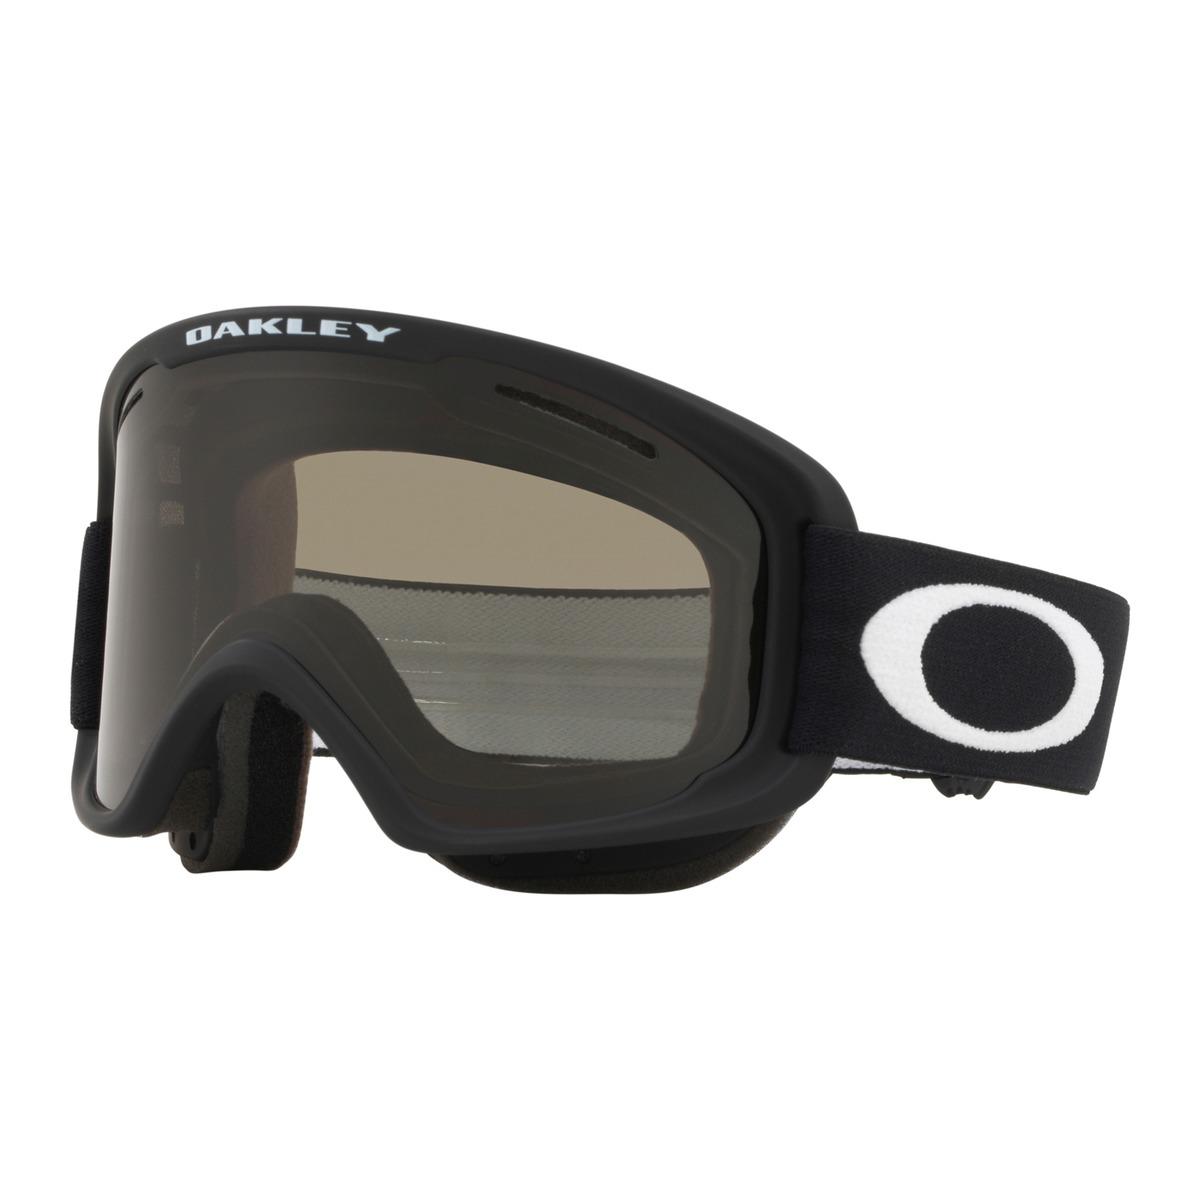 O2 XM Matte Black w/Persimmon + Ex Lens Dark Grey 18/19, alpinbrille